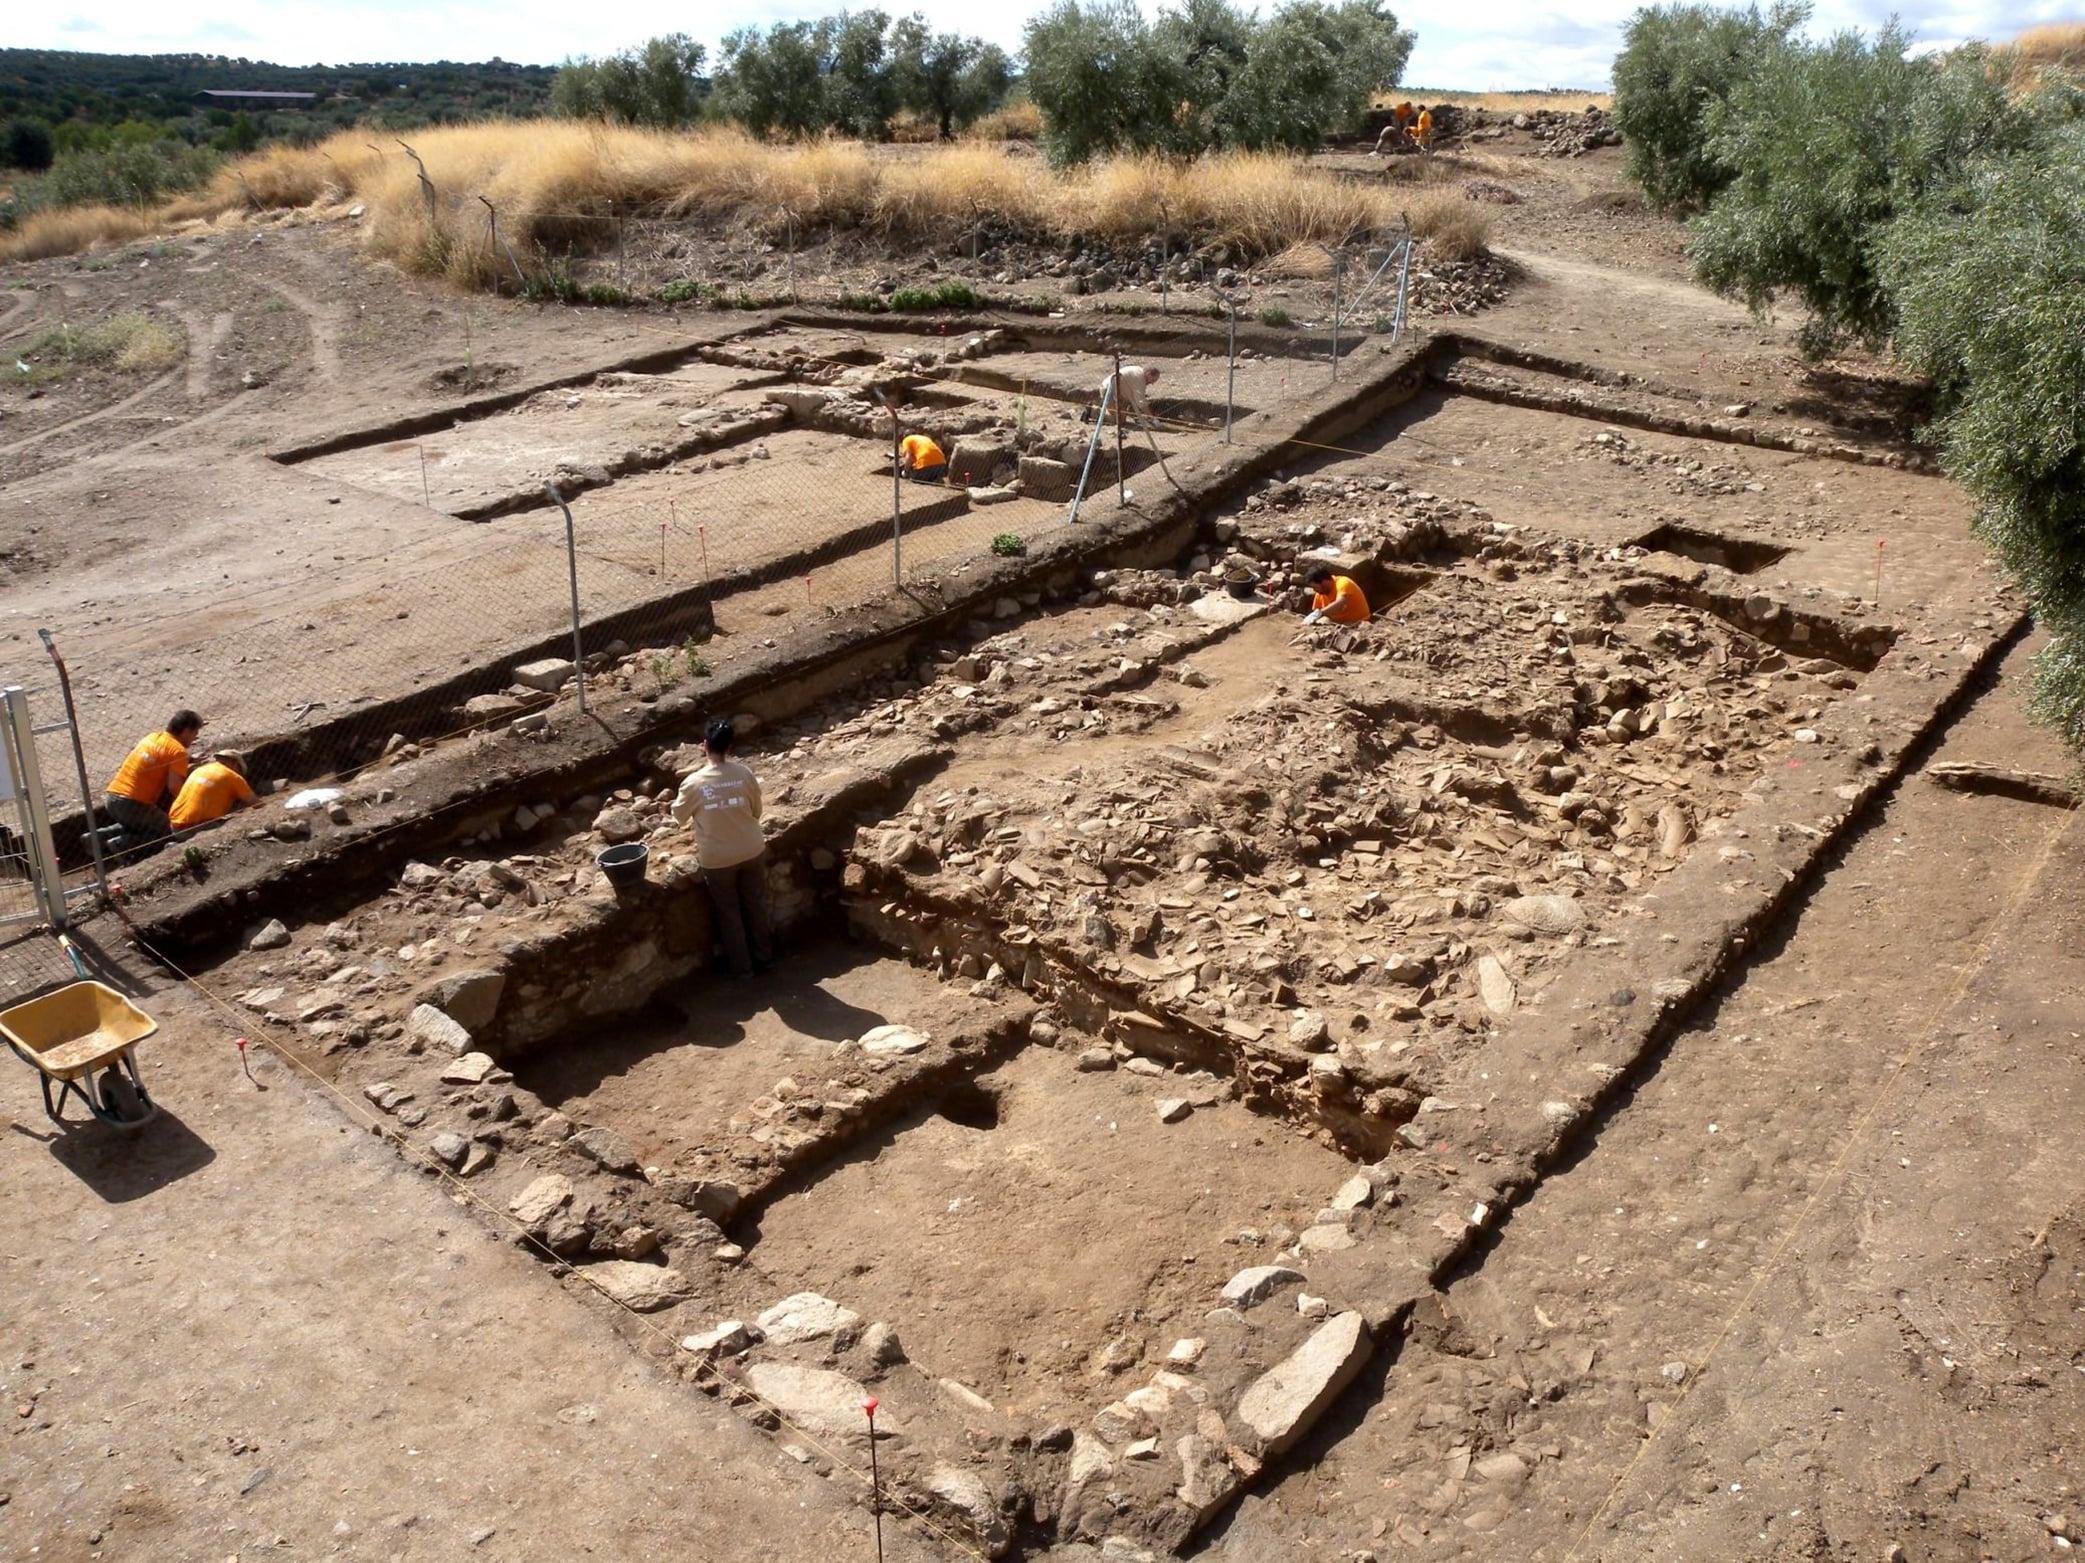 Yacimiento(Guadamur, Toledo) - Orígenes de Europa